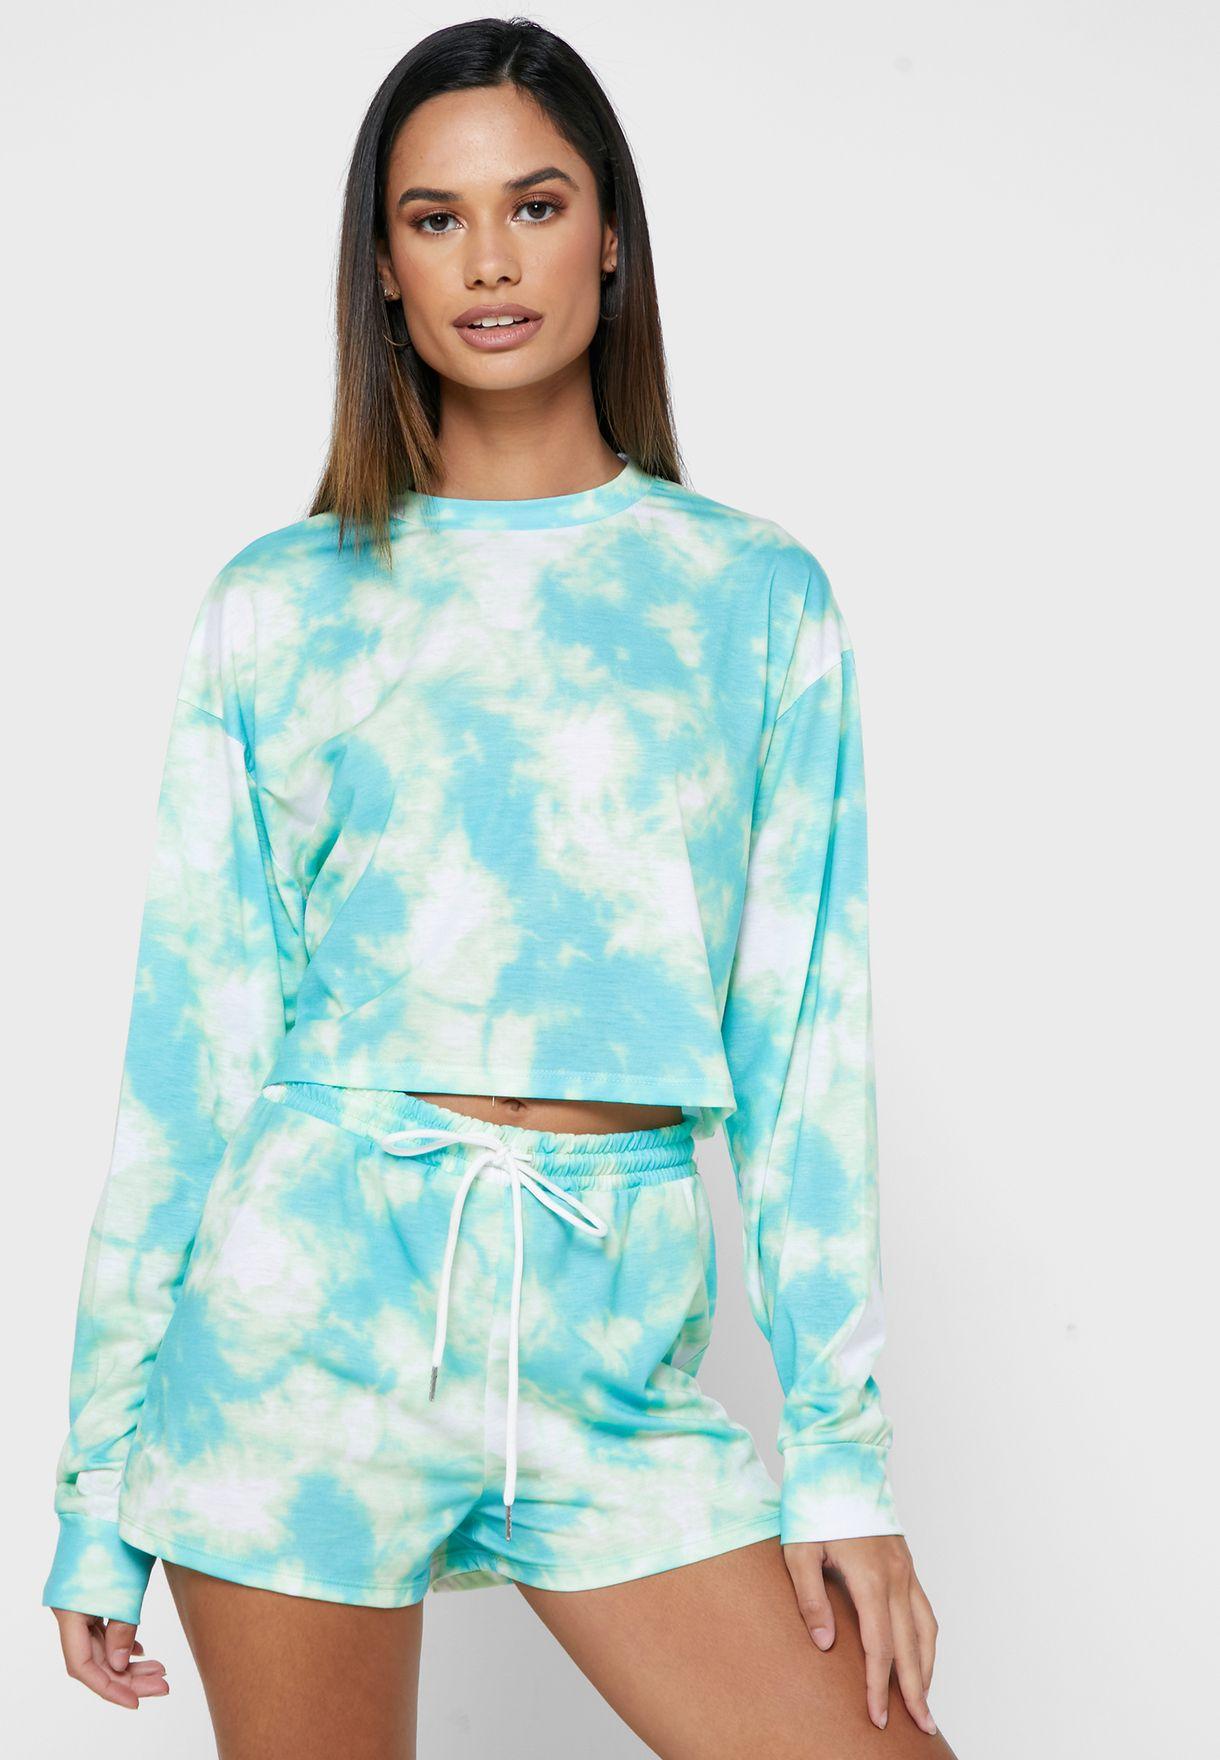 Tye Dye Print T-Shirt & Shorts Set